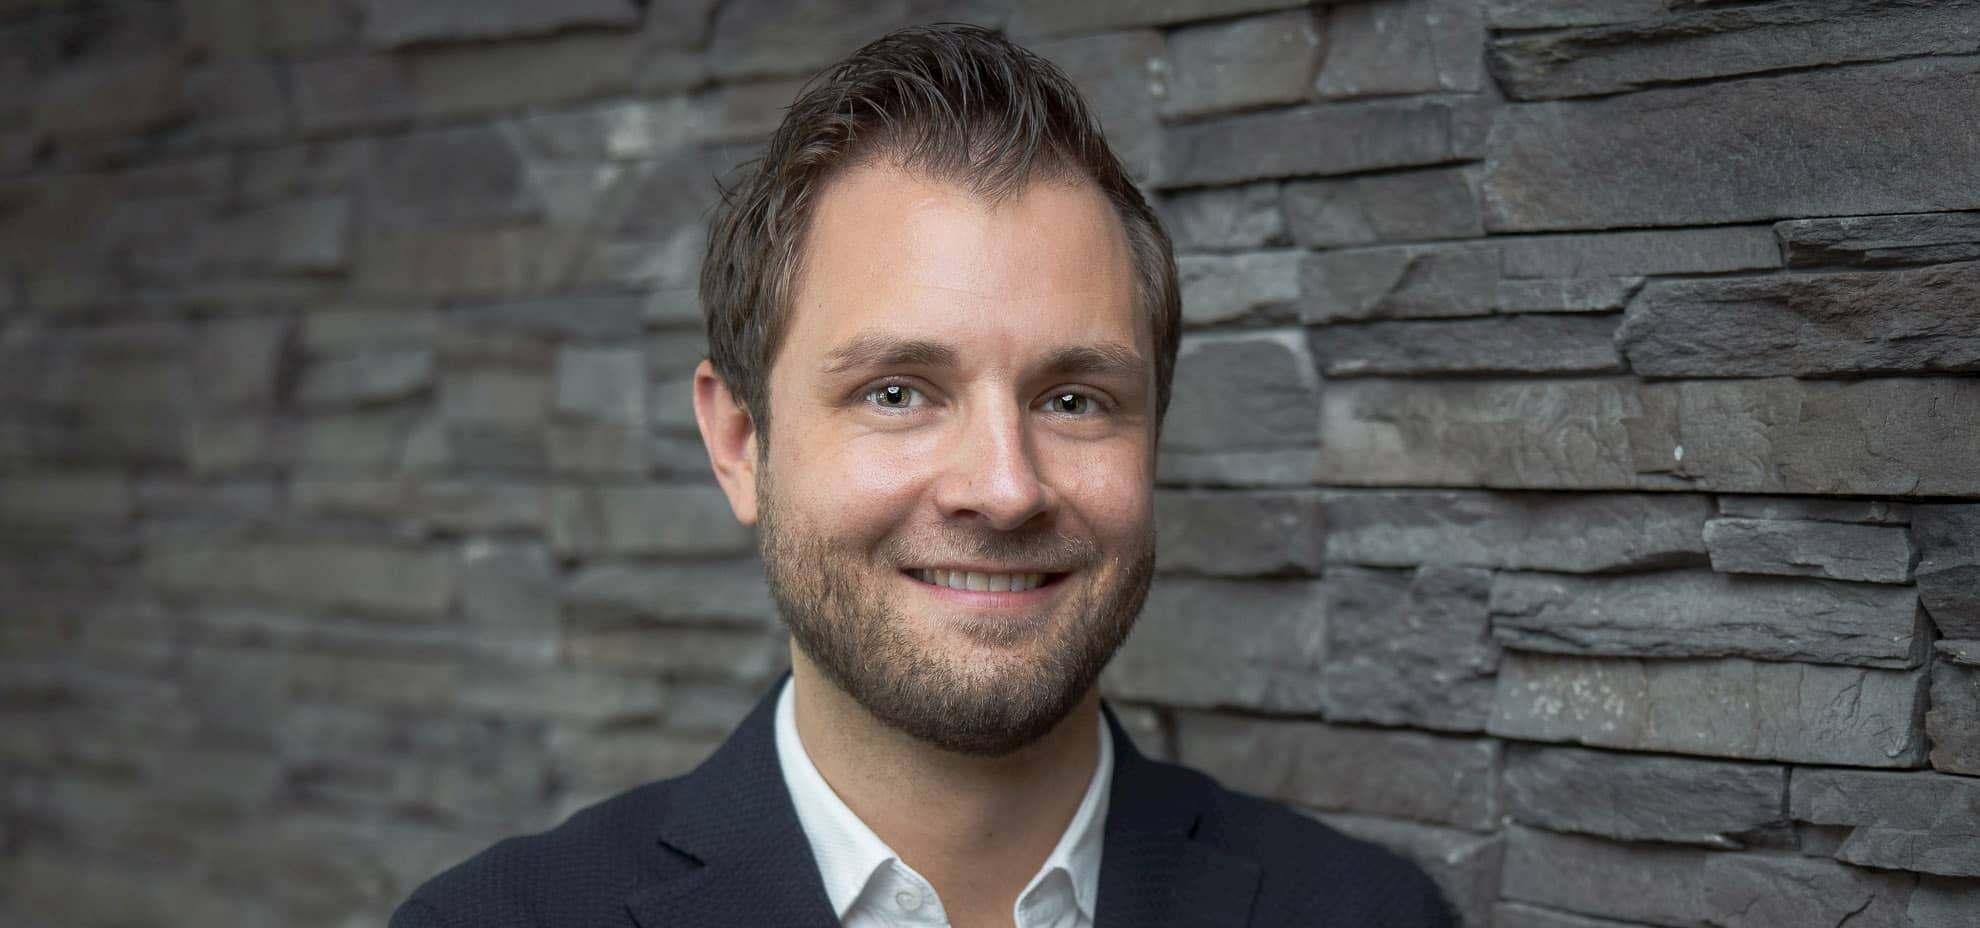 """""""Wir wollen unseren Kundinnen und Kunden direkt begegnen und unsere Begeisterung für Kühlgeräte mit ihnen teilen"""", so Robert Ortner, Head of Business Area Österreich & Südosteuropa bei Liebherr."""